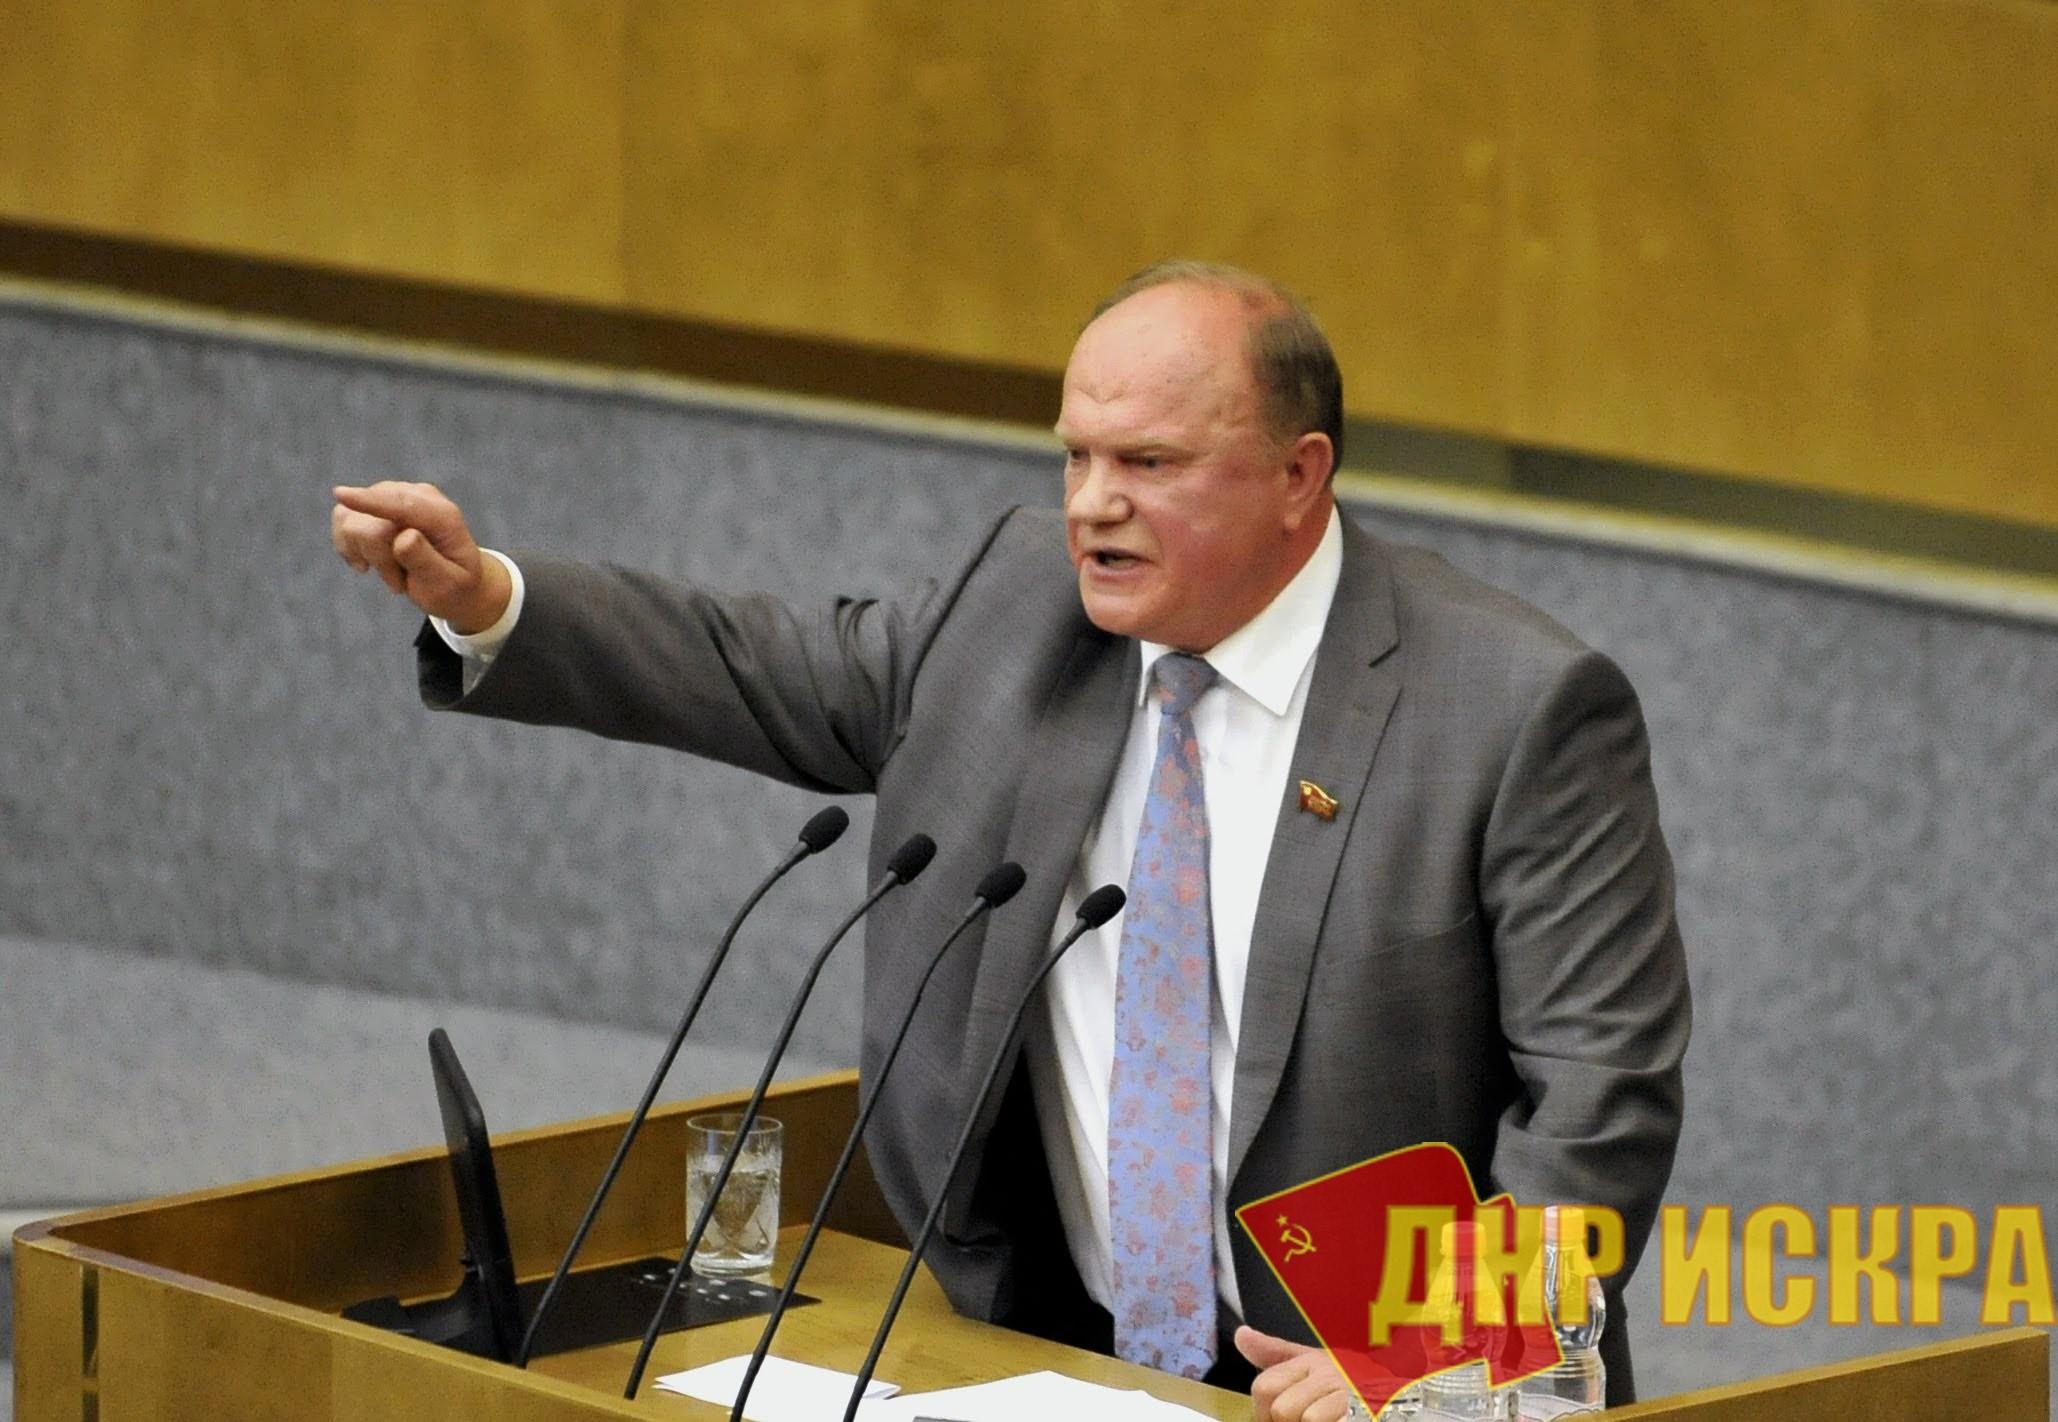 Г.А. Зюганов: За такой бюджет мы никогда не голосовали и голосовать не будем! (Видео)